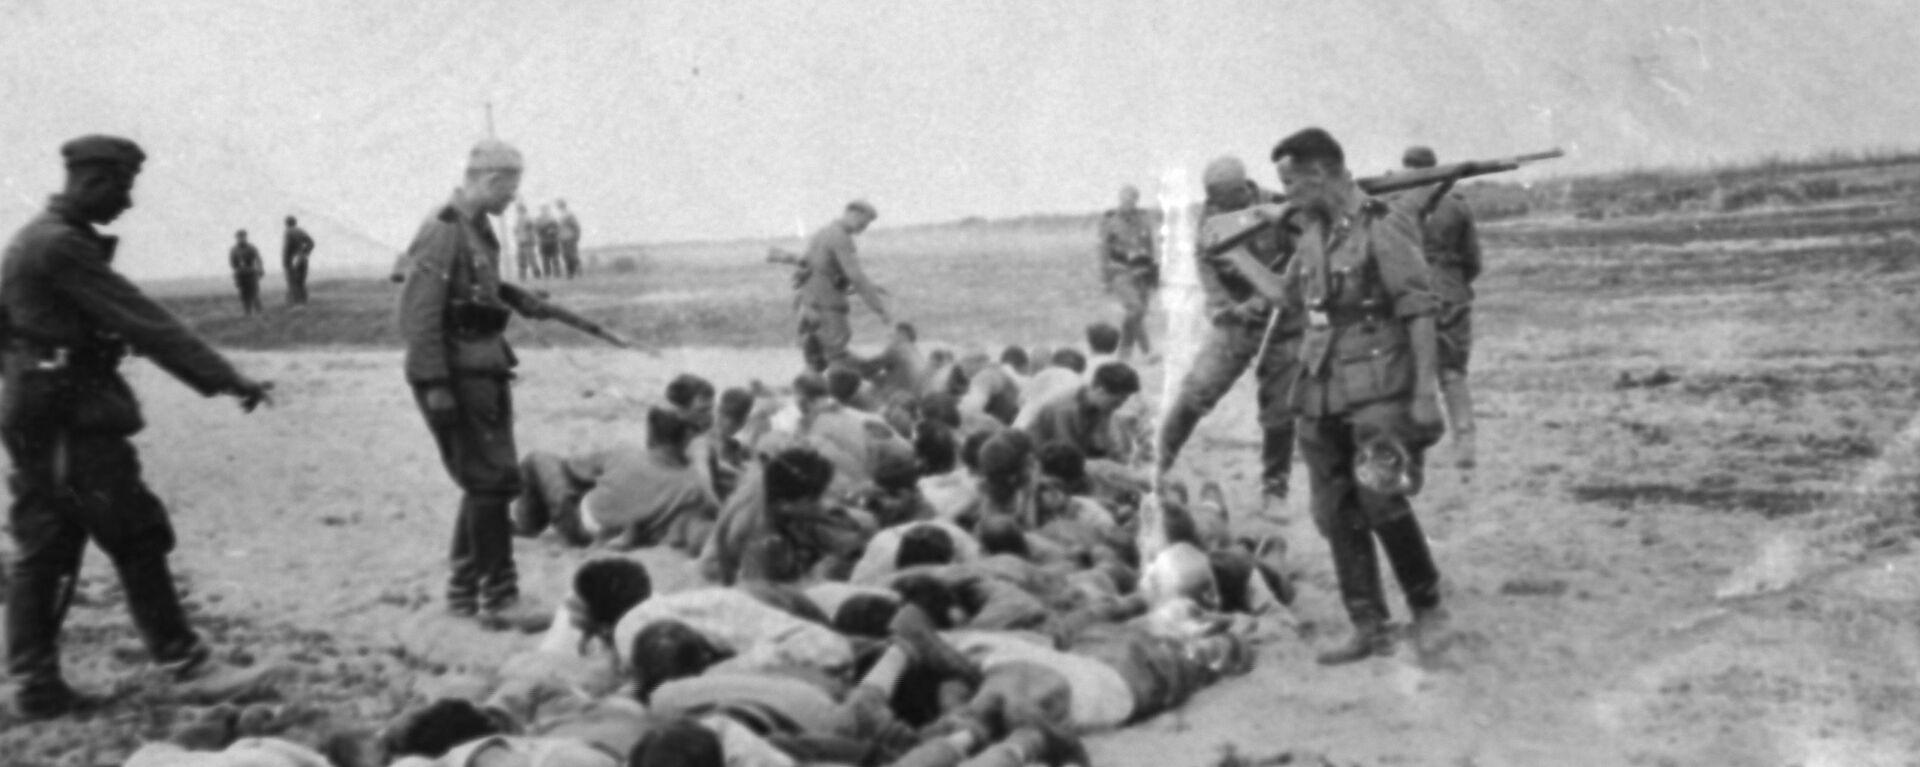 Egzekucje ludności cywilnej na tymczasowo okupowanym terytorium Związku Radzieckiego. Zdjęcie archiwalne - Sputnik Polska, 1920, 29.08.2021